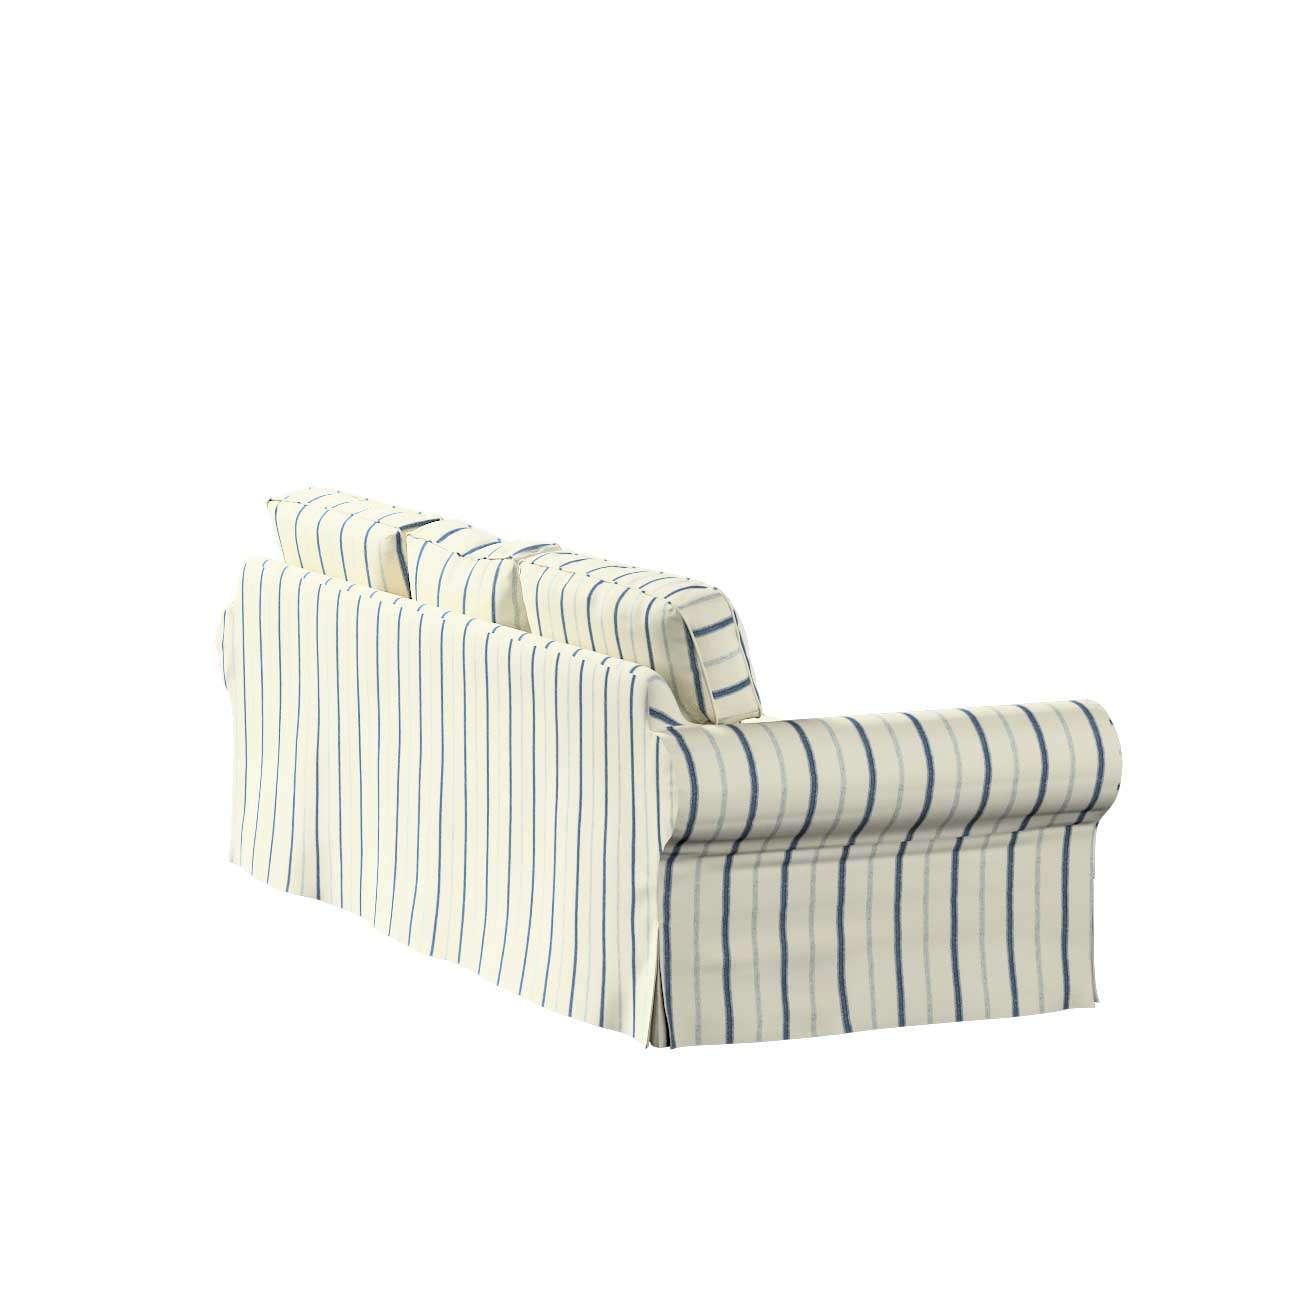 Ektorp 3-Sitzer Schlafsofabezug, ALTES Modell Sofahusse Ektorp 3-Sitzer Schlafsofa von der Kollektion Avinon, Stoff: 129-66